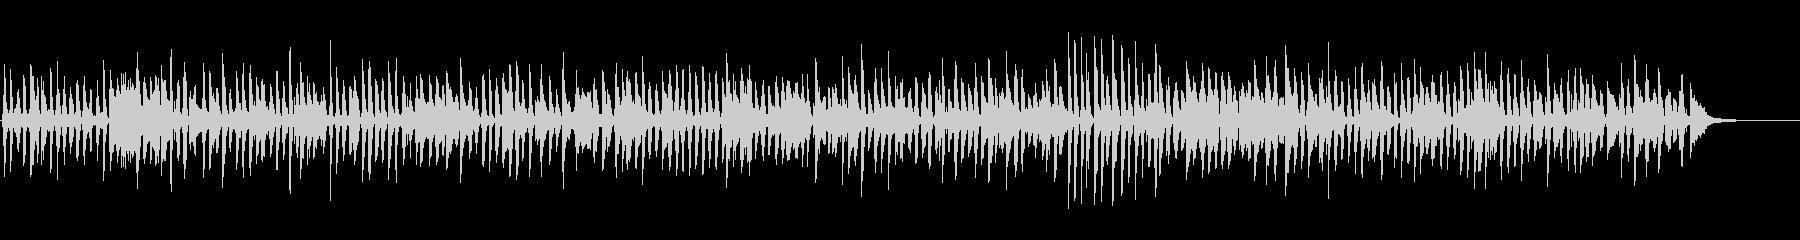 昭和な雰囲気のレトロなジャズピアノバンドの未再生の波形